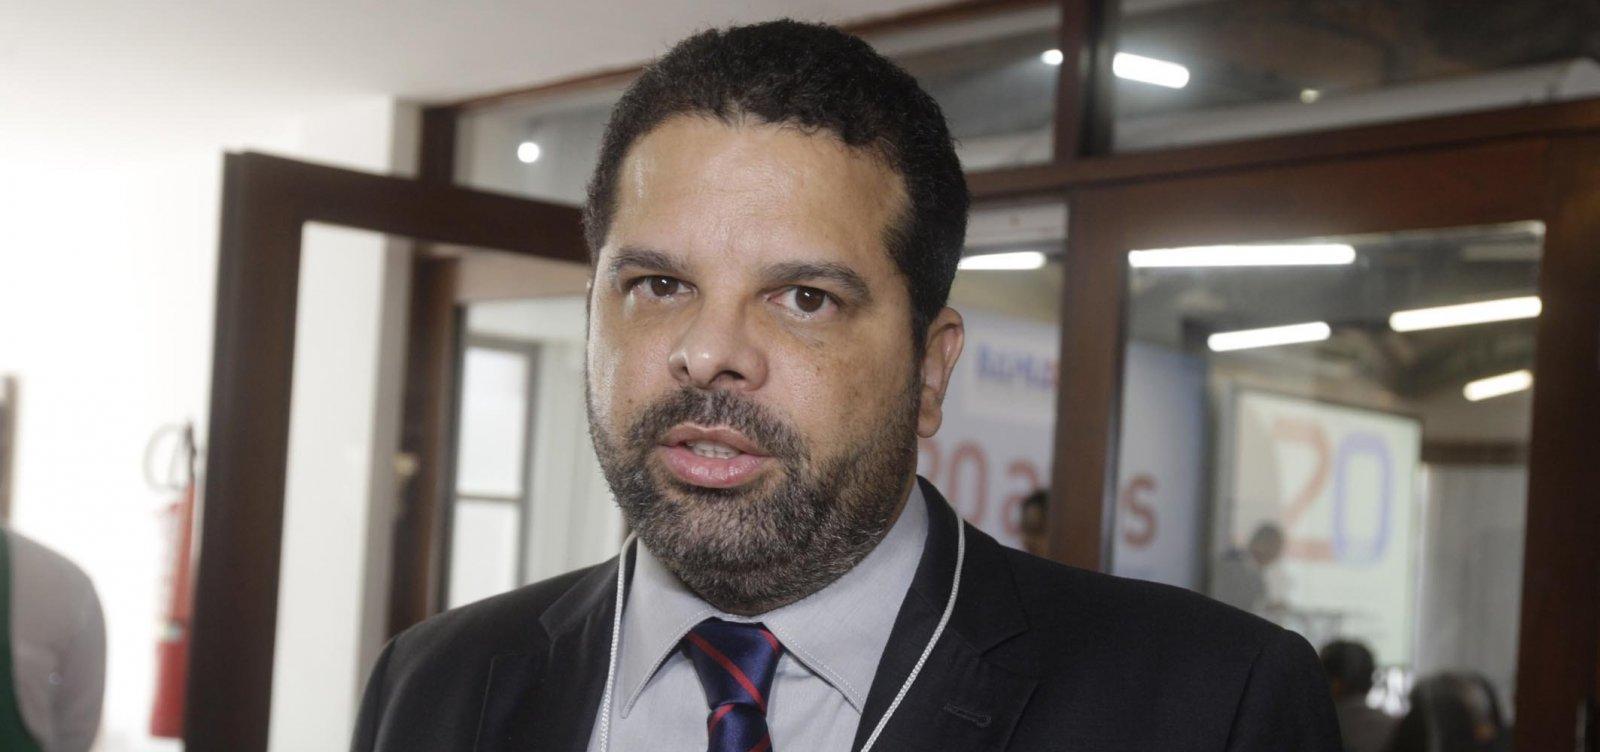 Secretário diz que governo economizou R$ 156 milhões com tramitação eletrônica de processos